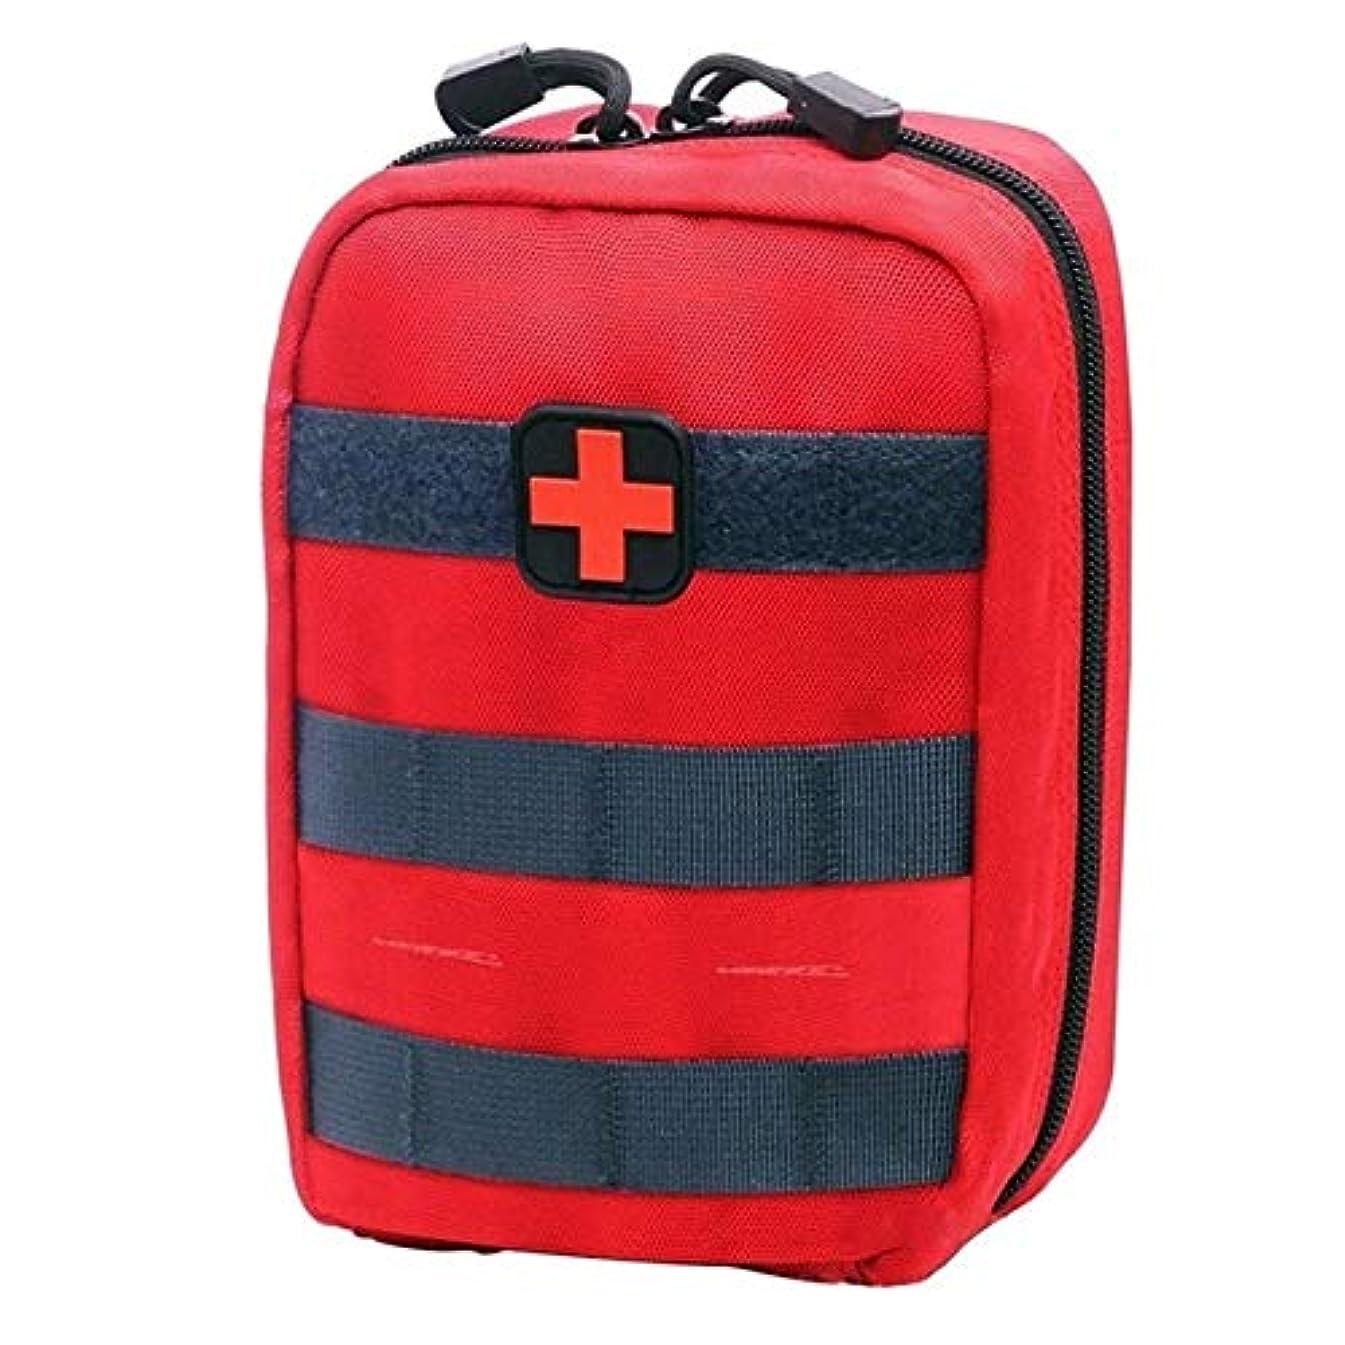 慣性前任者クラッチYxsd 応急処置キット 医療救急箱、アウトドアサバイバル医療カバー、緊急用パッケージユーティリティベルトバッグ